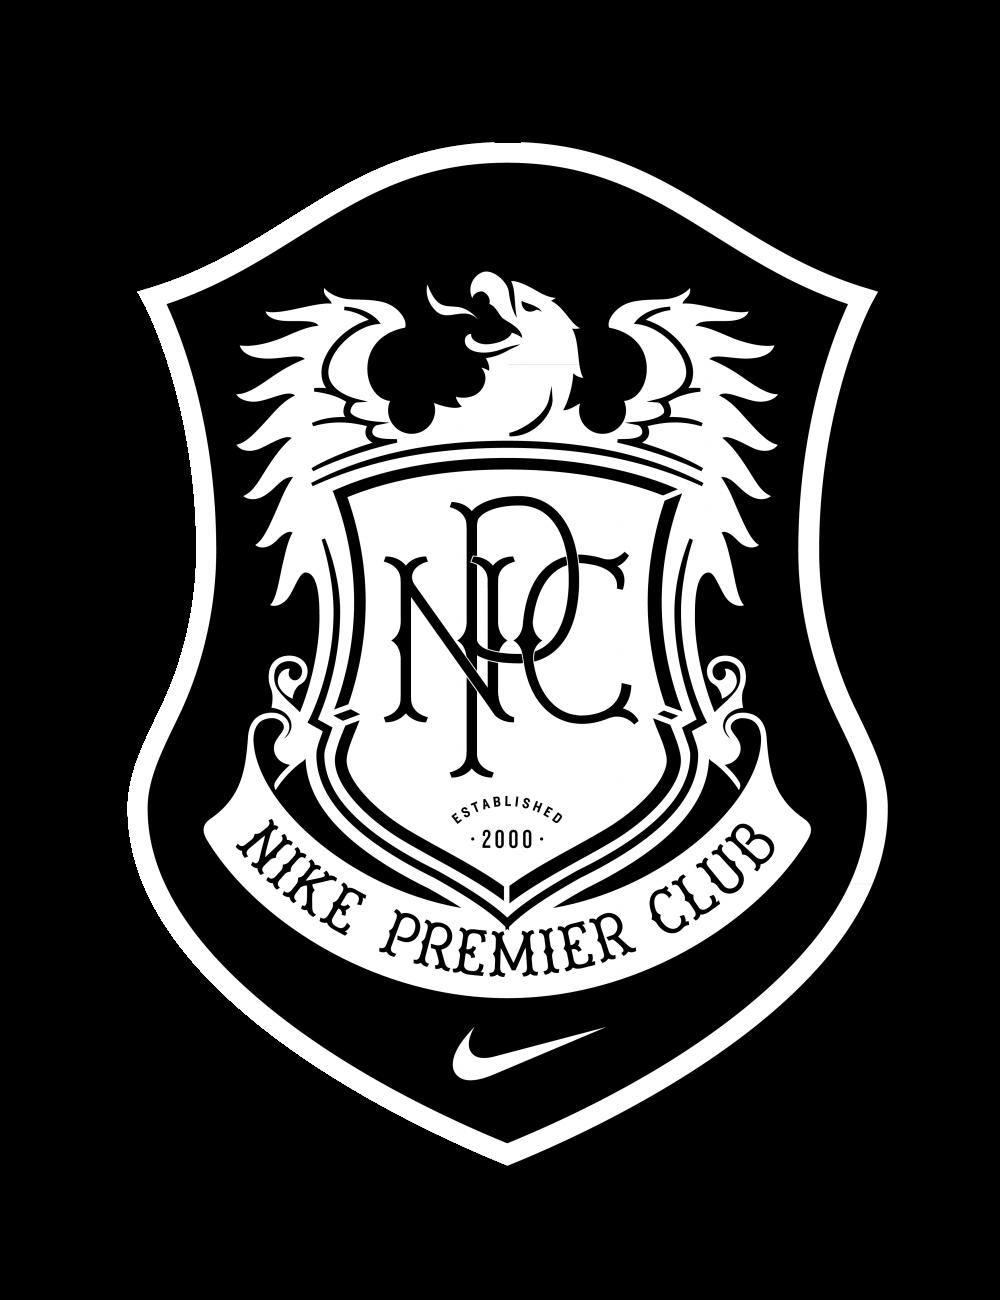 nike premier club logo 512x512 wwwtopsimagescom